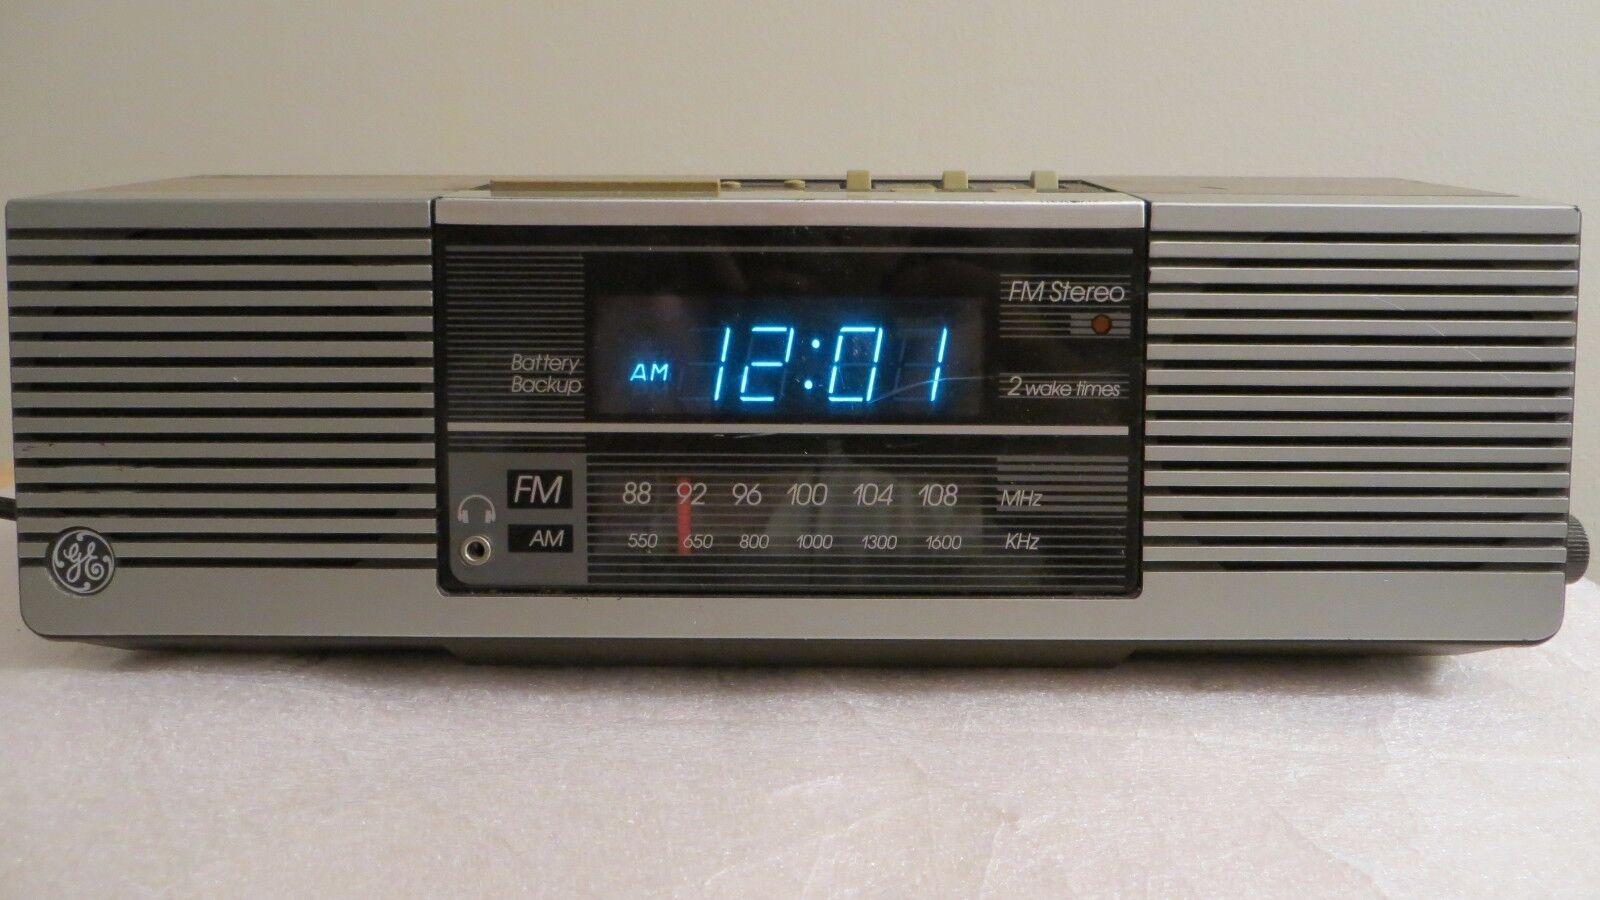 VTG General Electric GE Blue Digital Alarm Clock Radio AM/FM Model No. 7-4945A